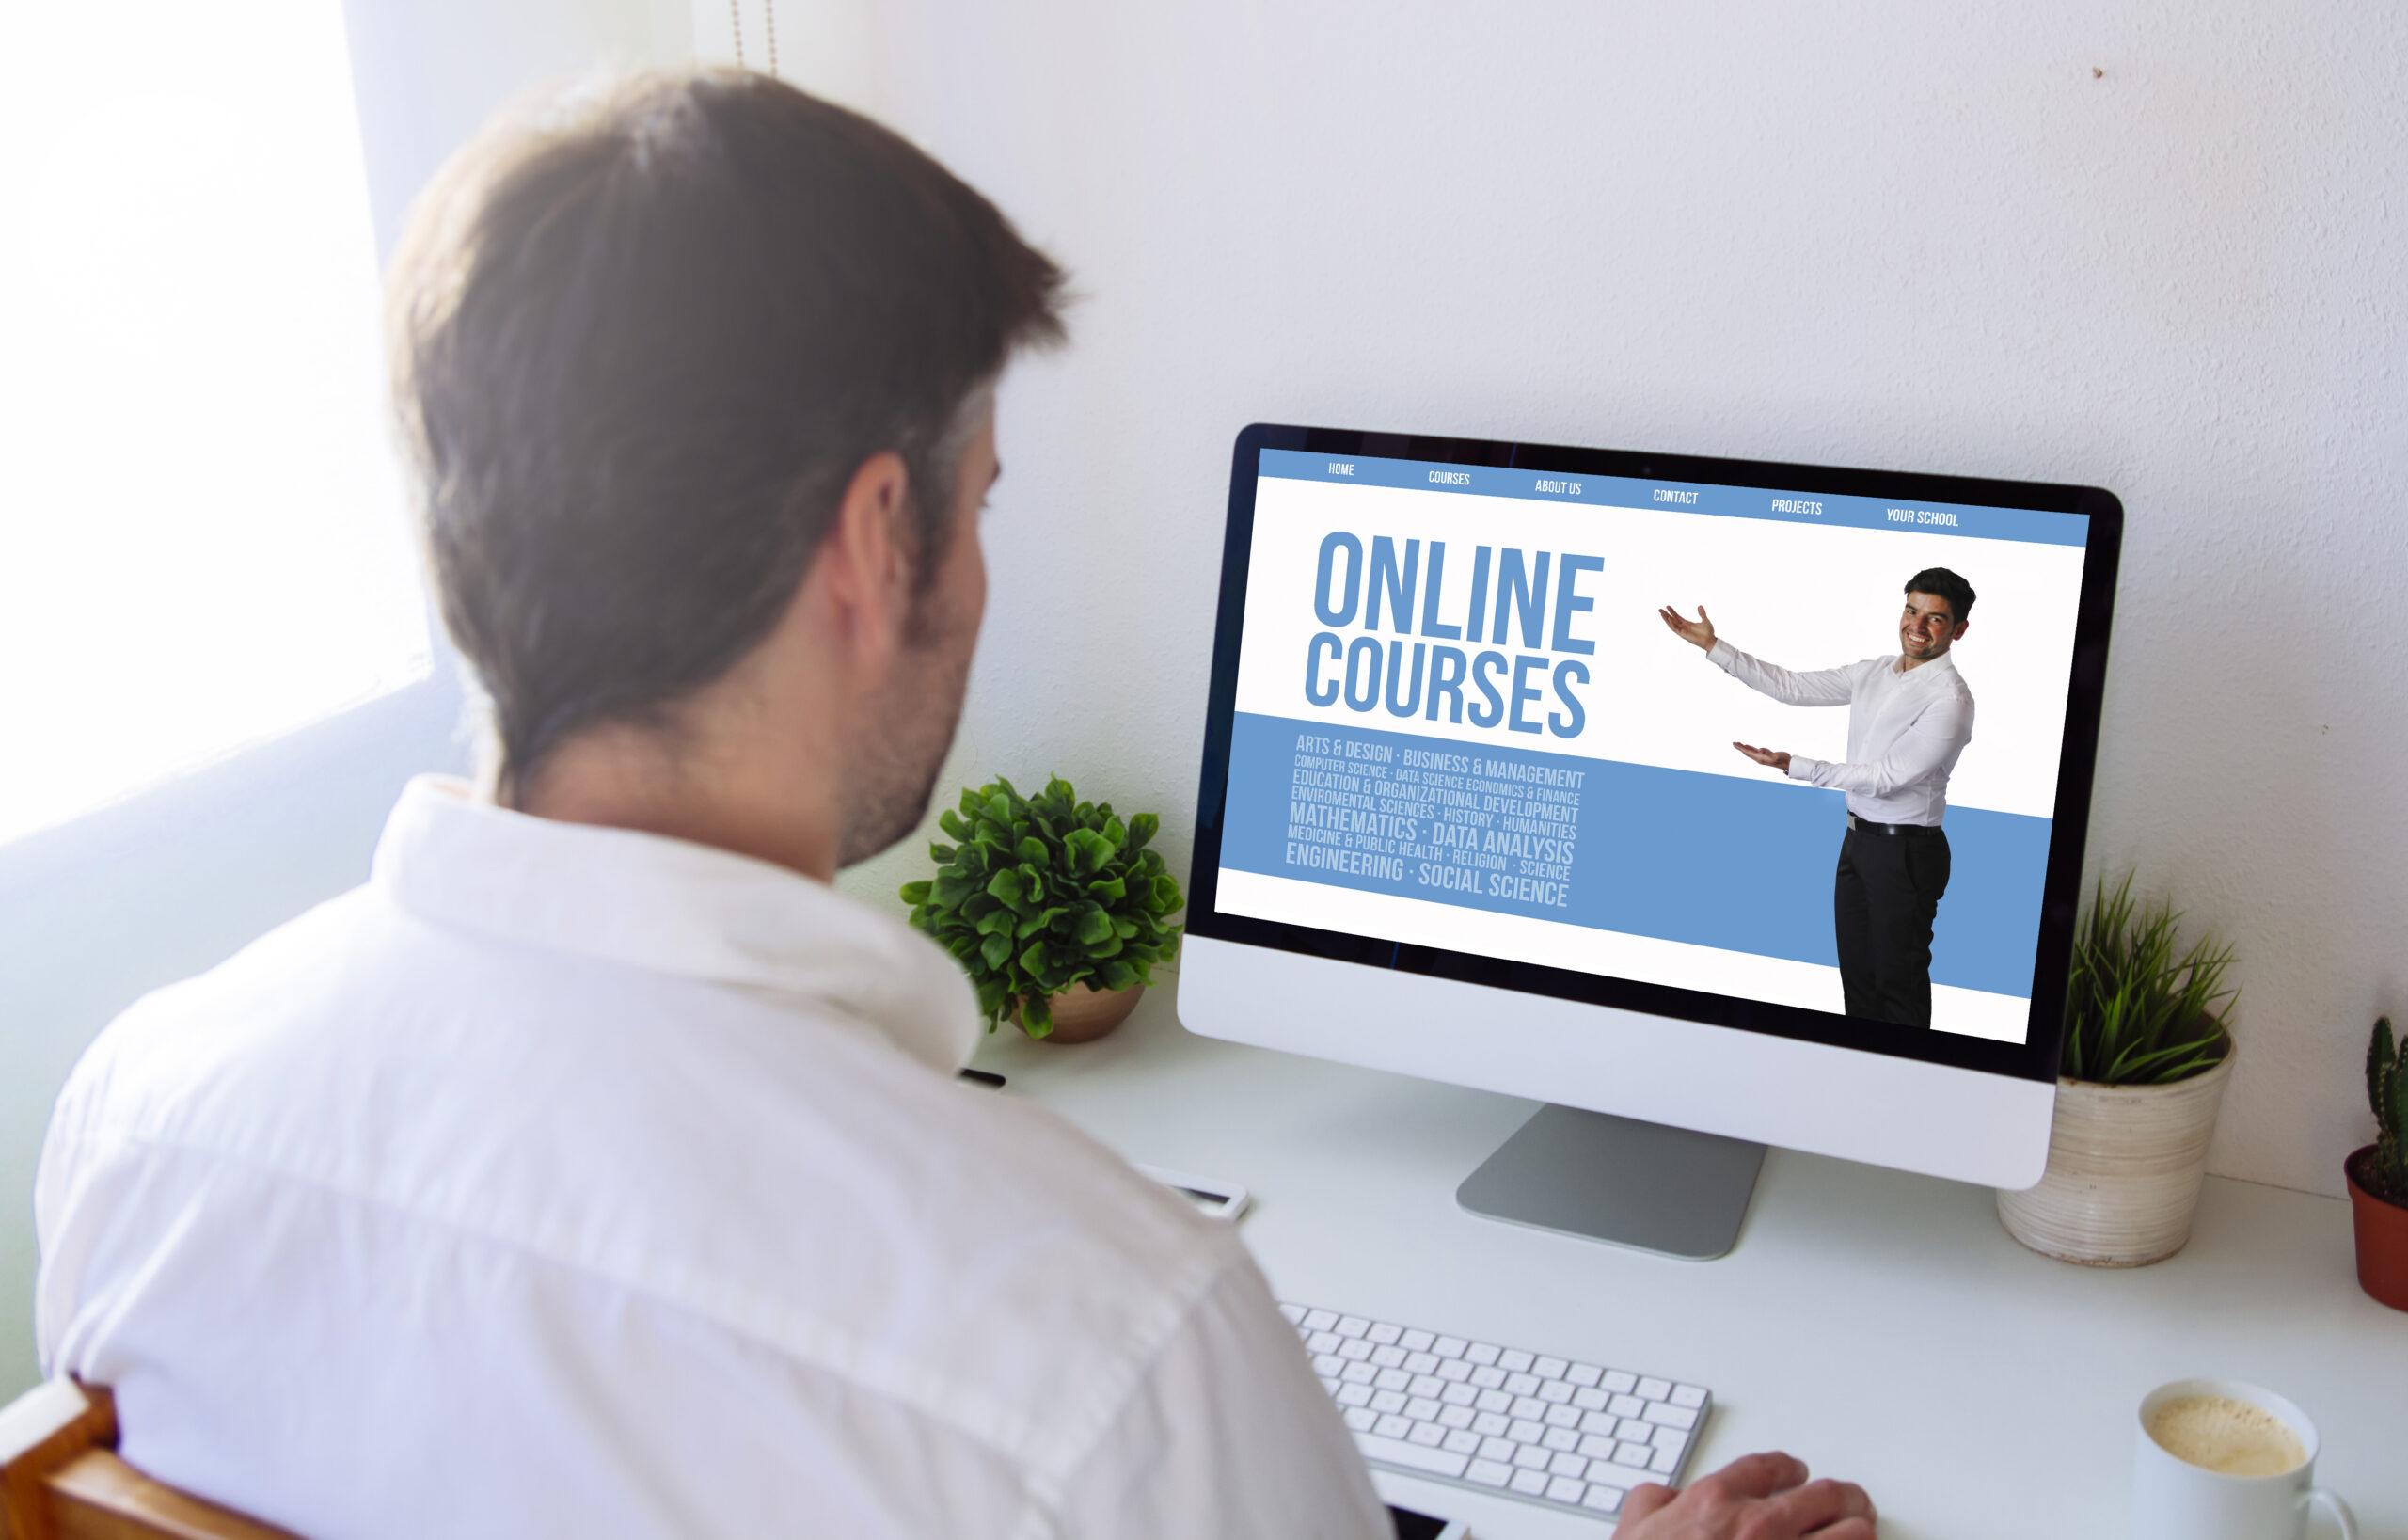 Zahlungsanbieter für Online-Kurse im Reseller-Modell